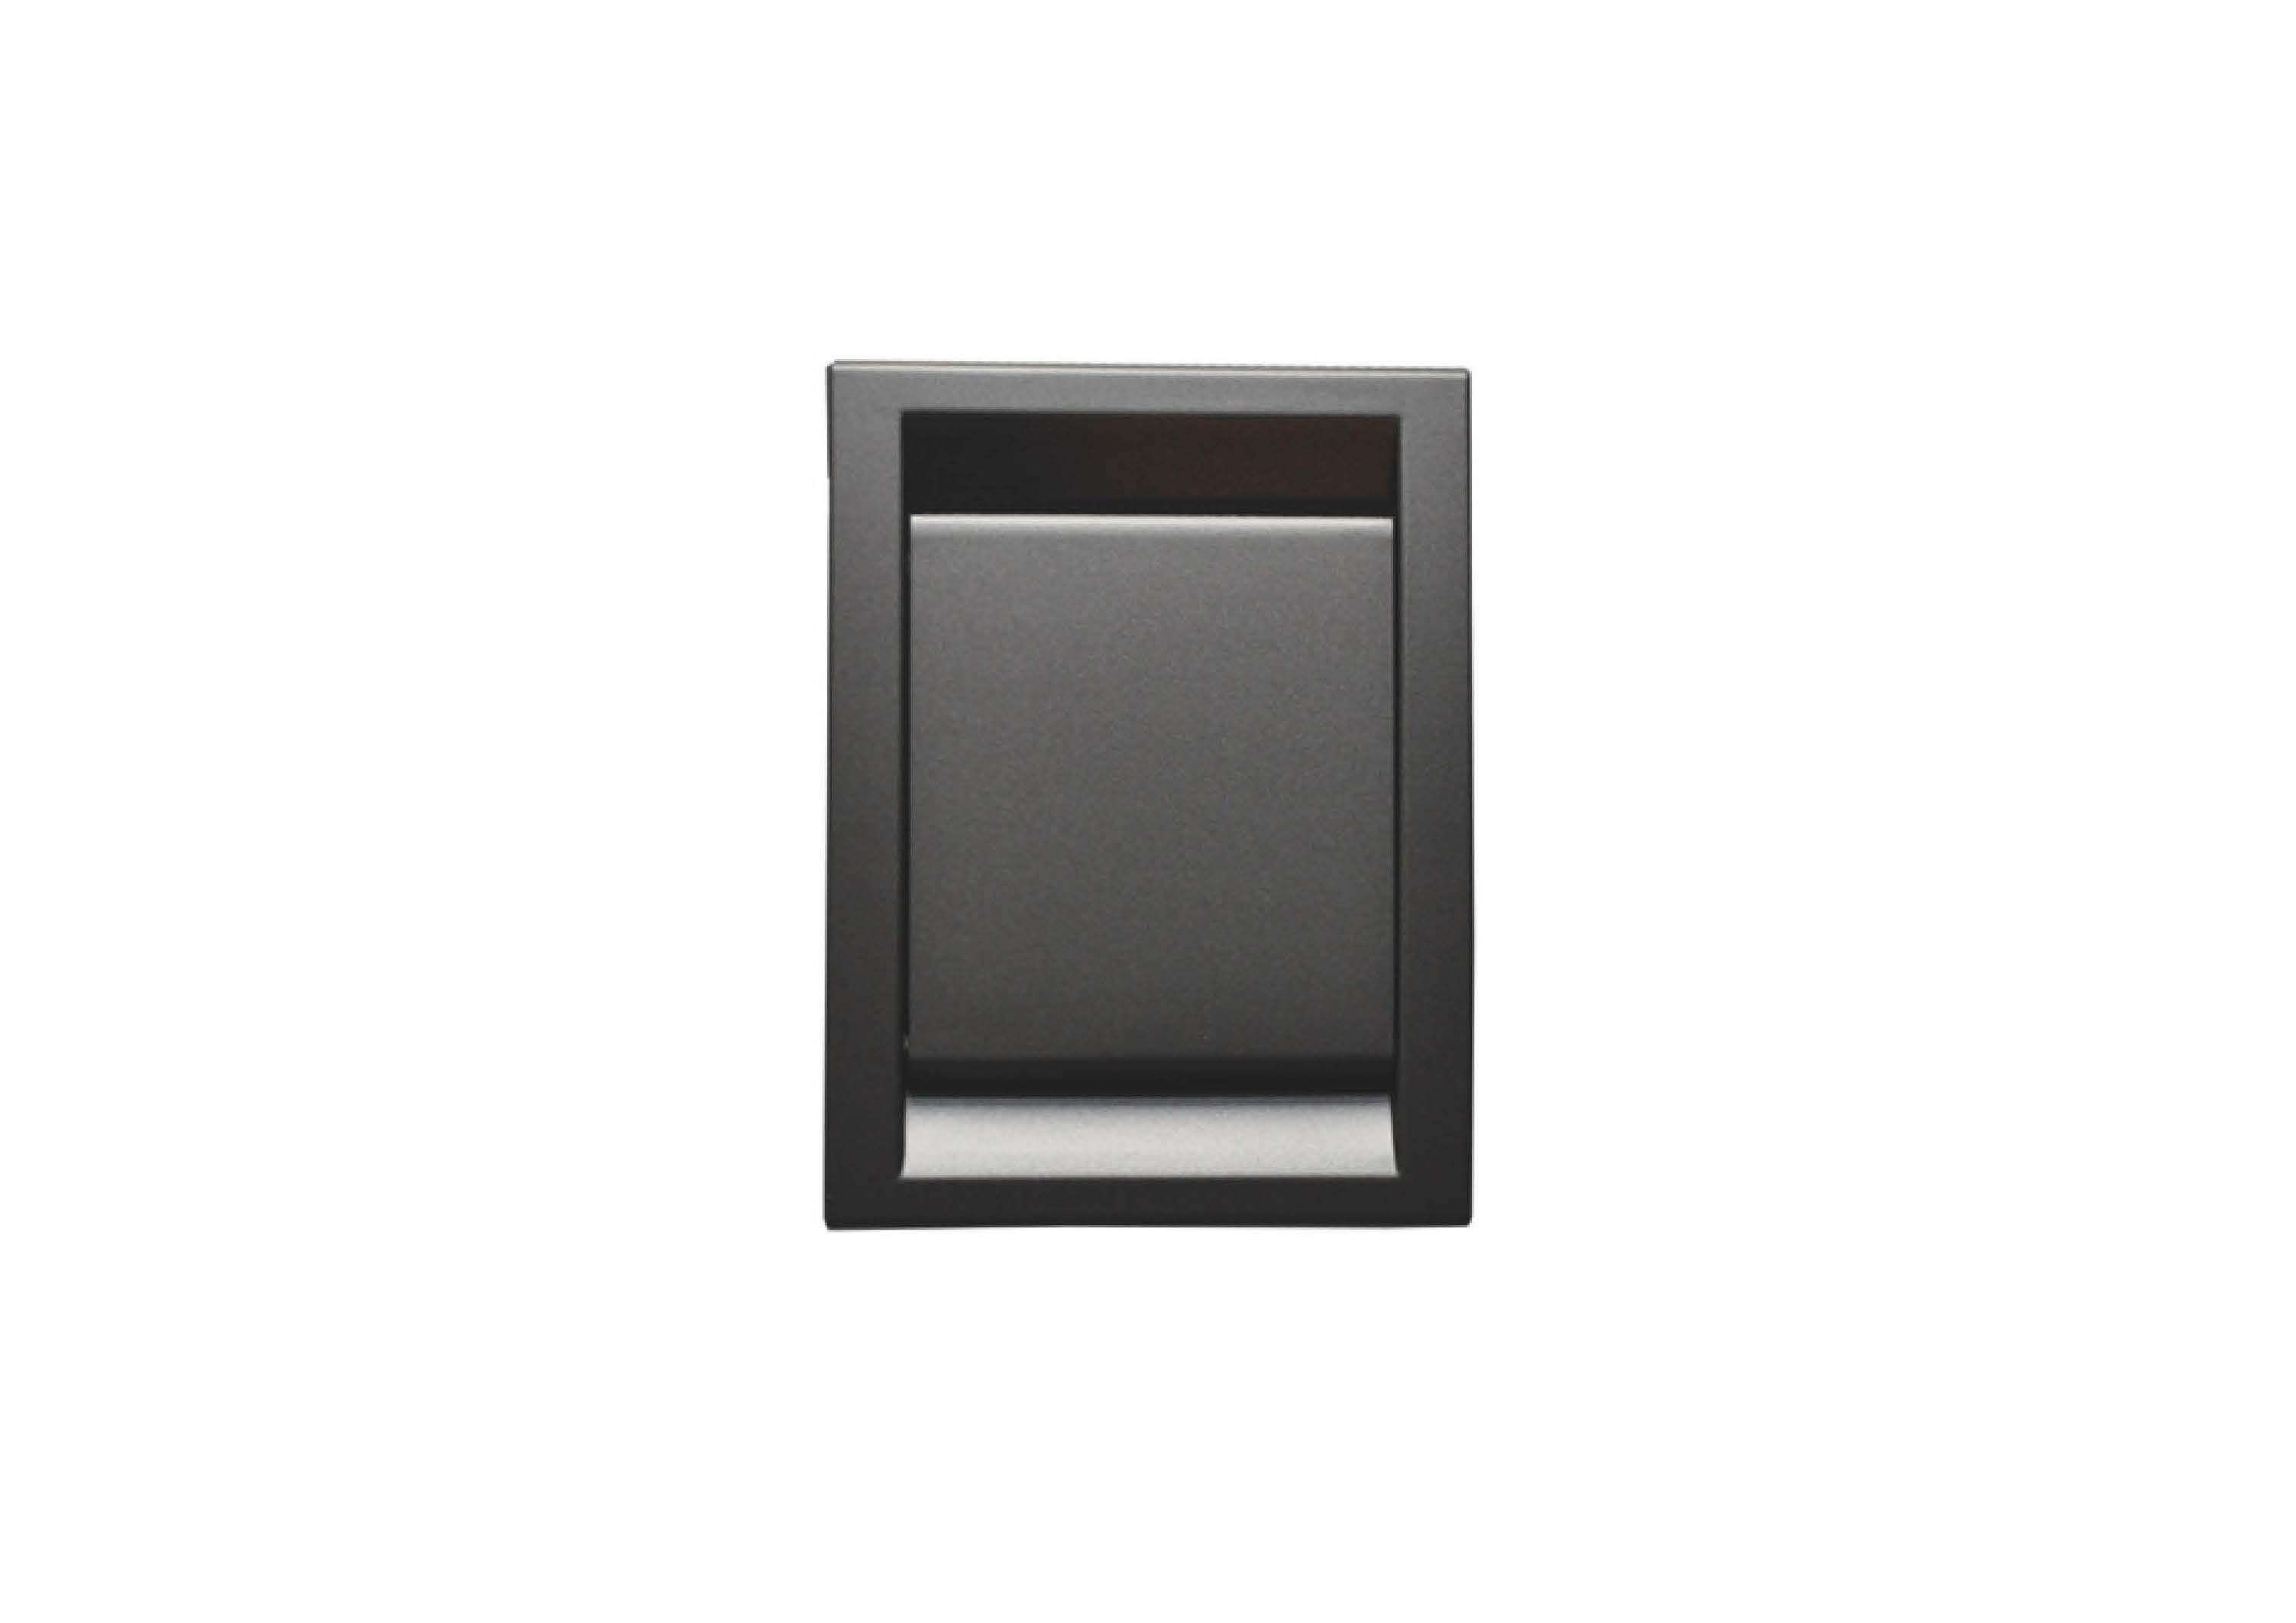 Вакуумна розетка DECO, колір чорний